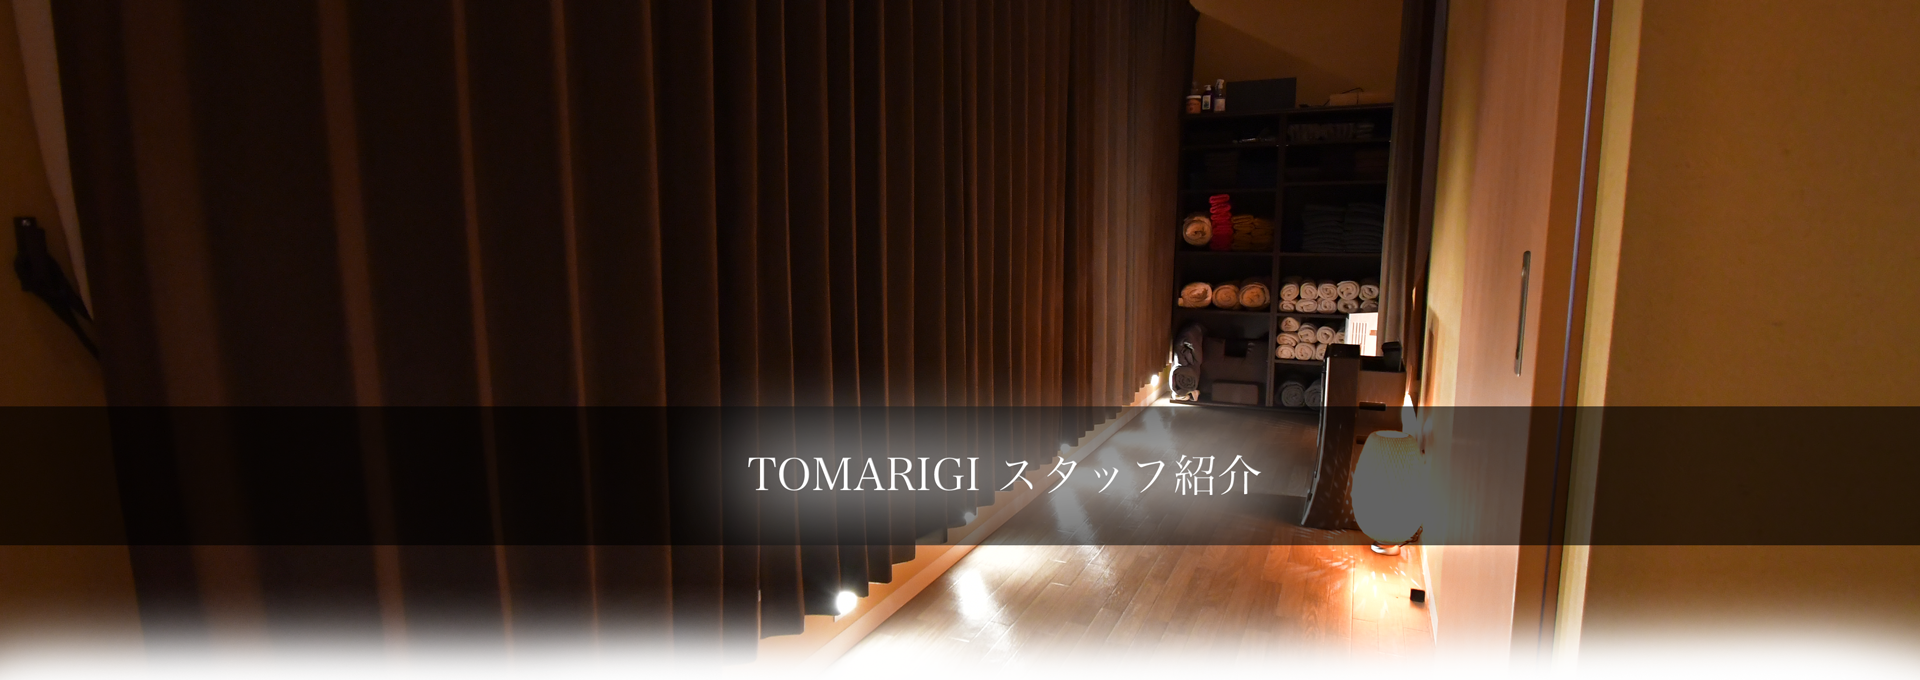 tomarigiのスタッフ紹介PC画面